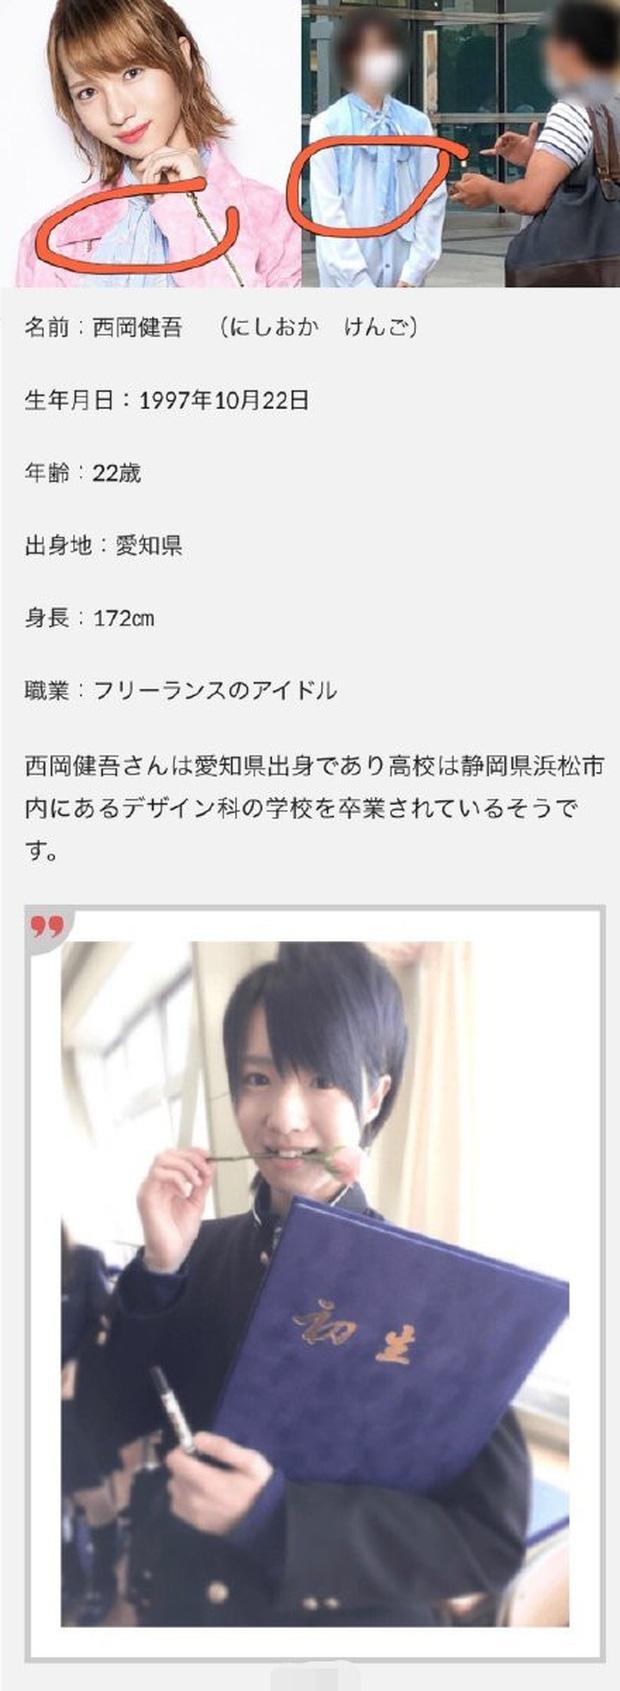 Scandal chấn động: Diện mạo giống con gái, nam idol Nhật Bản bị quản lý cưỡng bức - Ảnh 4.